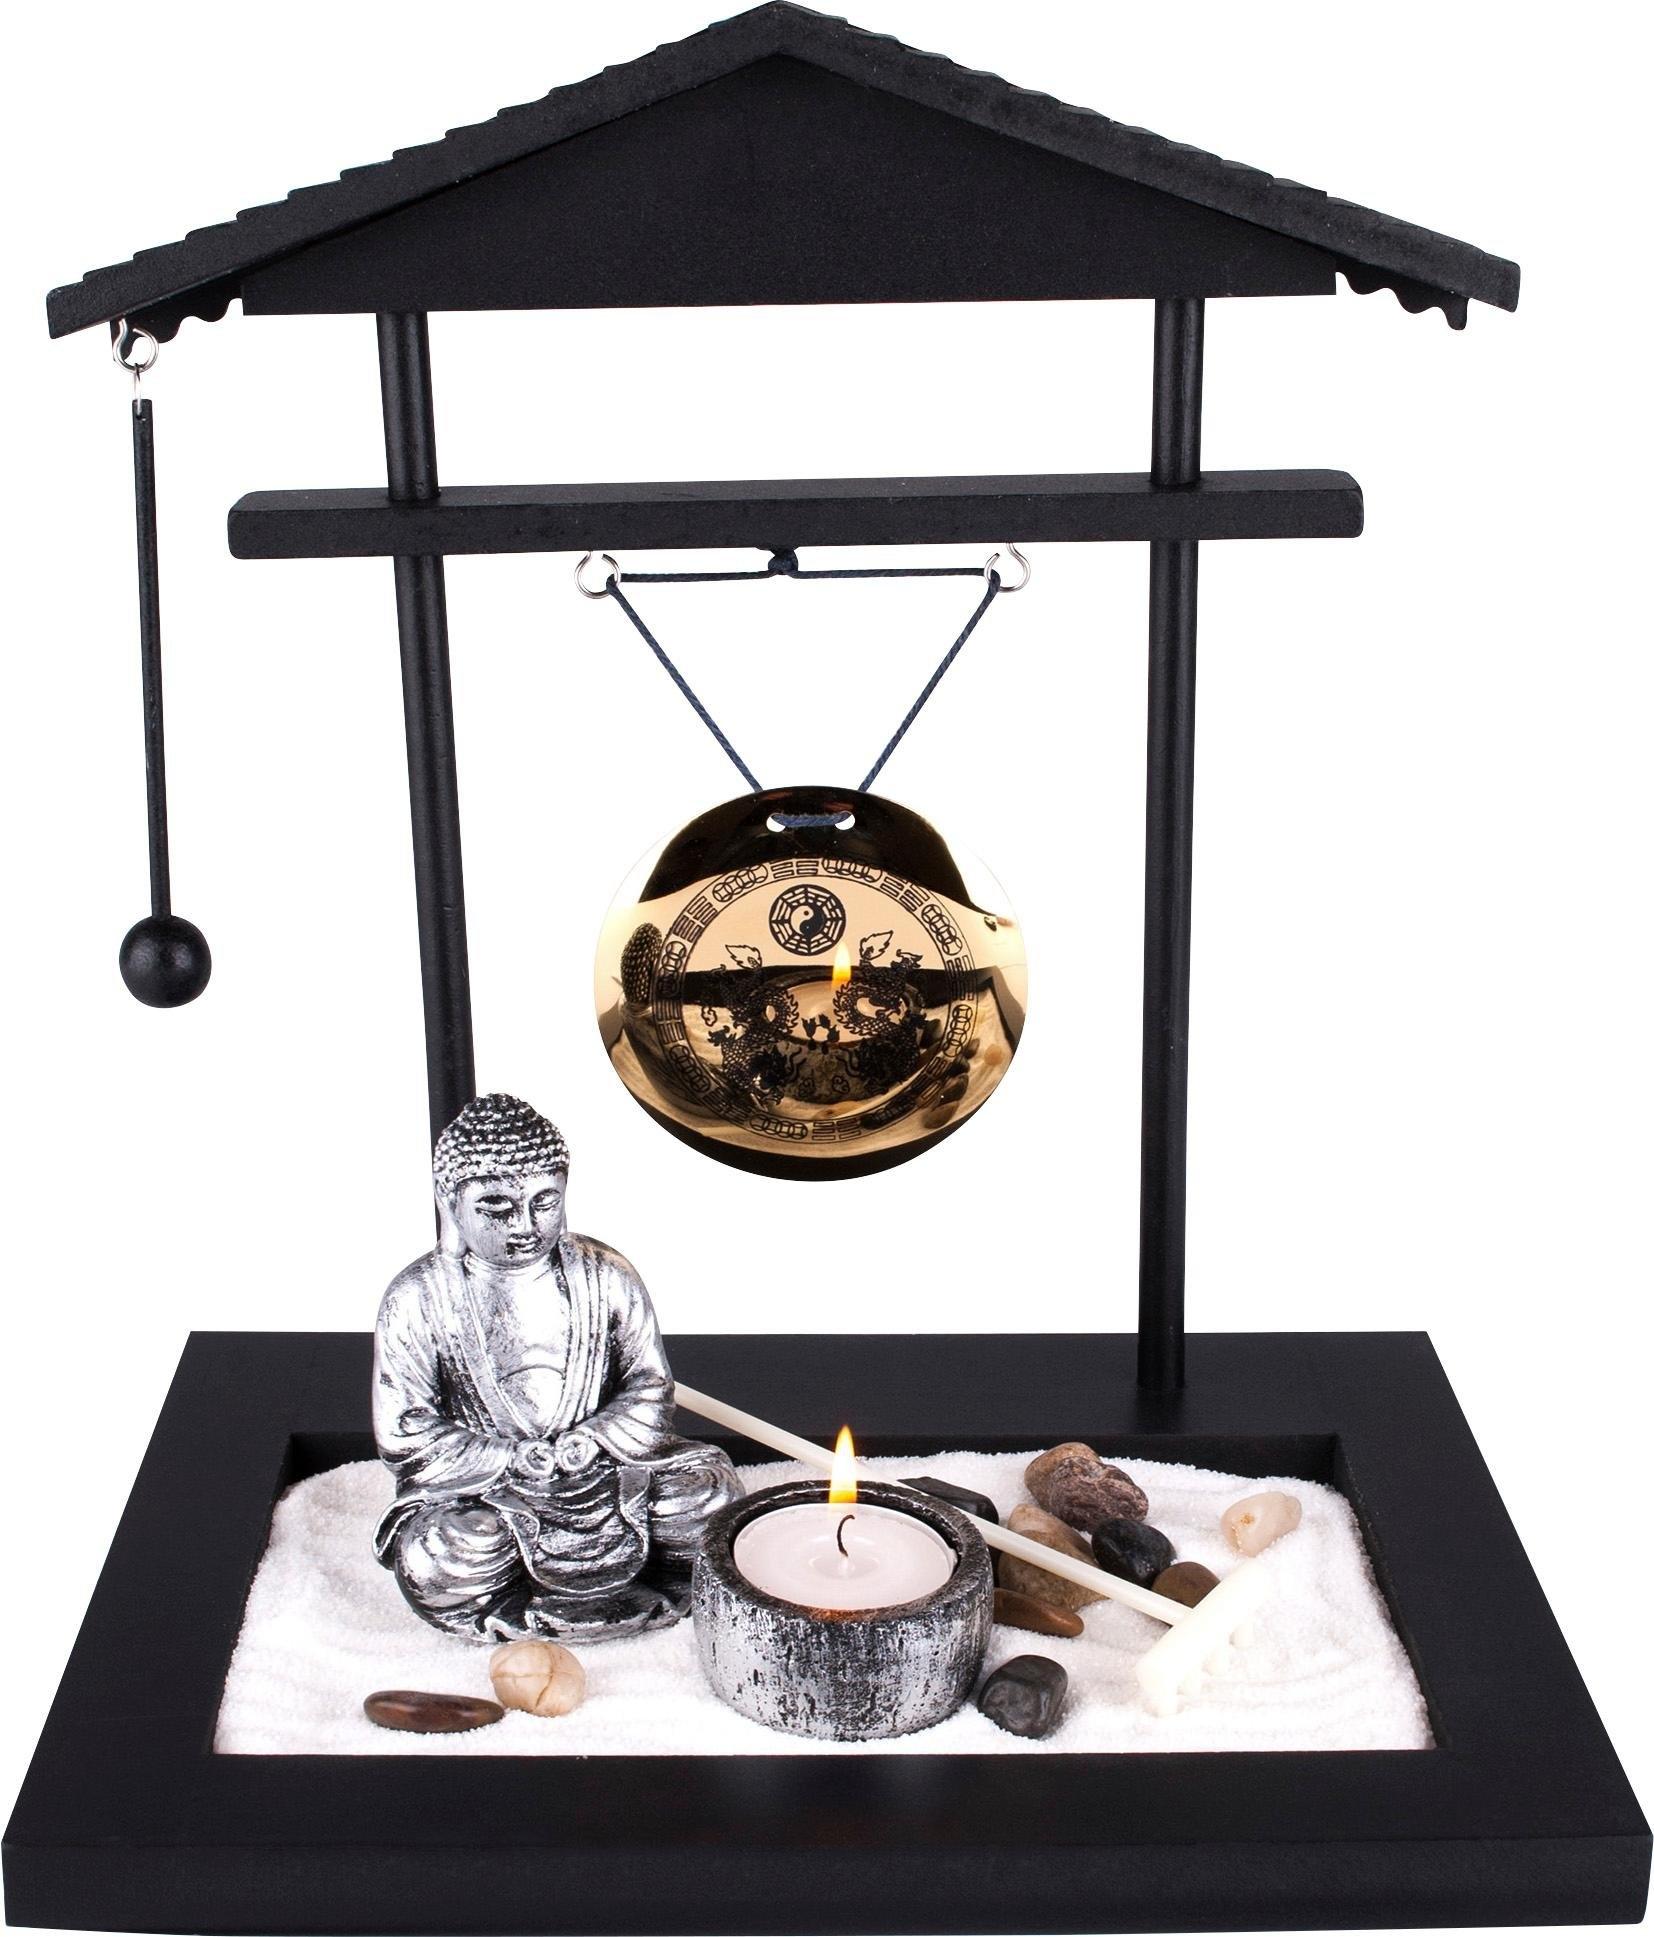 Home affaire Boeddhabeeld »Paradies« - verschillende betaalmethodes